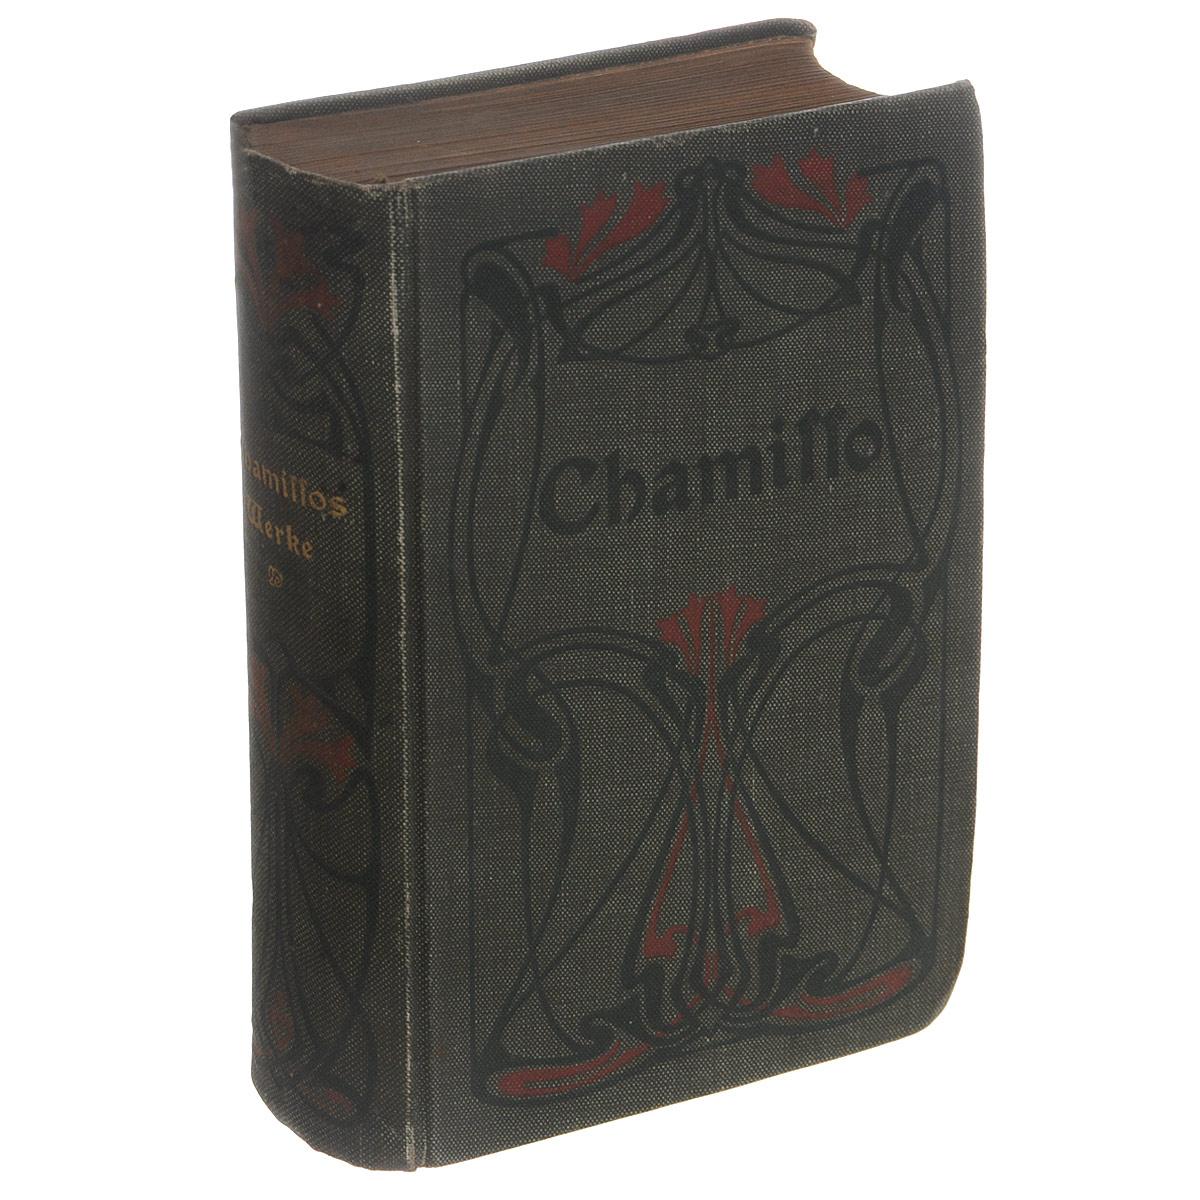 Chamisso. Samtliche Werke113140Вашему вниманию предлагается антикварное издание 1910 года Samtliche Werke. Издательский переплет, сохранность хорошая.